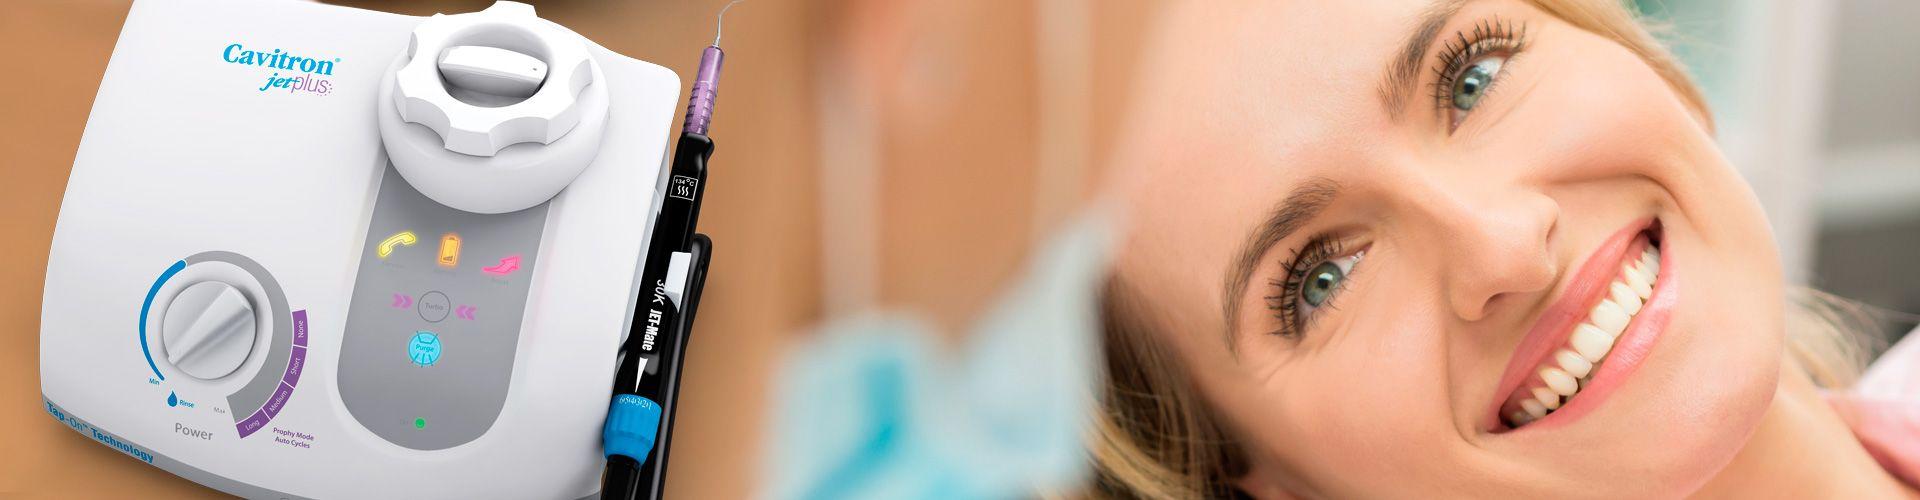 Апарат CAVITRON - дозволяє зробити процедуру гігієни порожнини рота максимально безболісною, безпечної і комфортної для Вас! Cavitron jet plus - швидко, безболісно, бездоганно